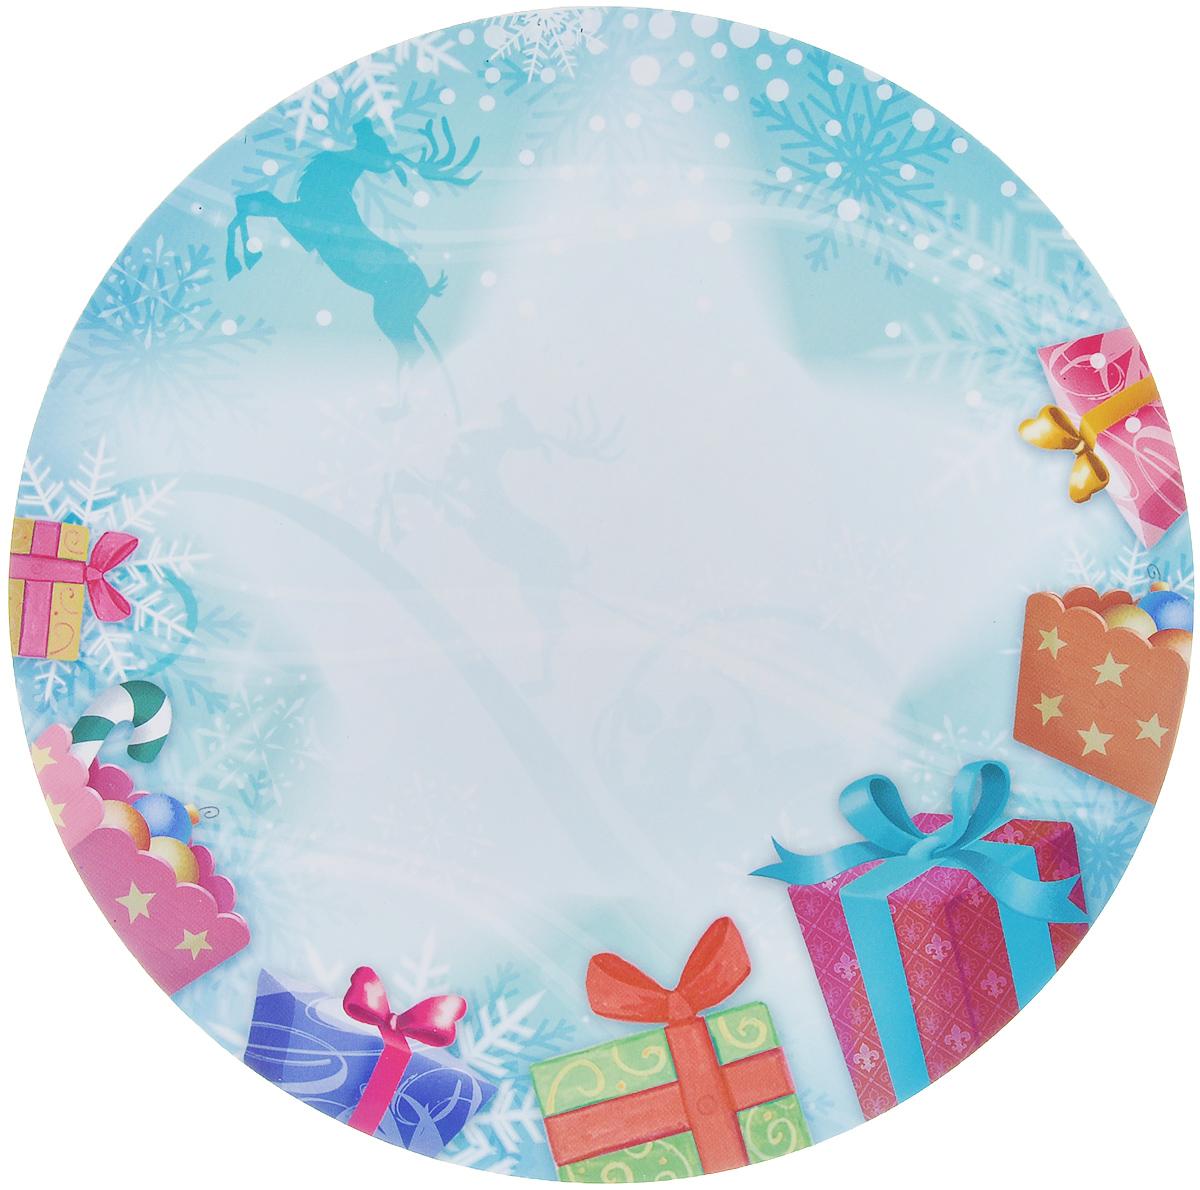 Магнит для записей Lunten Ranta Подарок. Олень, диаметр 16 см65907_оленьМагнит для записей Lunten Ranta Подарок. Олень, выполненный из ПВХ и бумаги, оформлен ярким изображением. На таком магните вы сможете написать оригинальное новогоднее поздравление и удивить ваших друзей и близких. Изделие отлично подойдет для декорирования домашнего интерьера, а так же станет приятным и необычным подарком. Диаметр: 16 см.